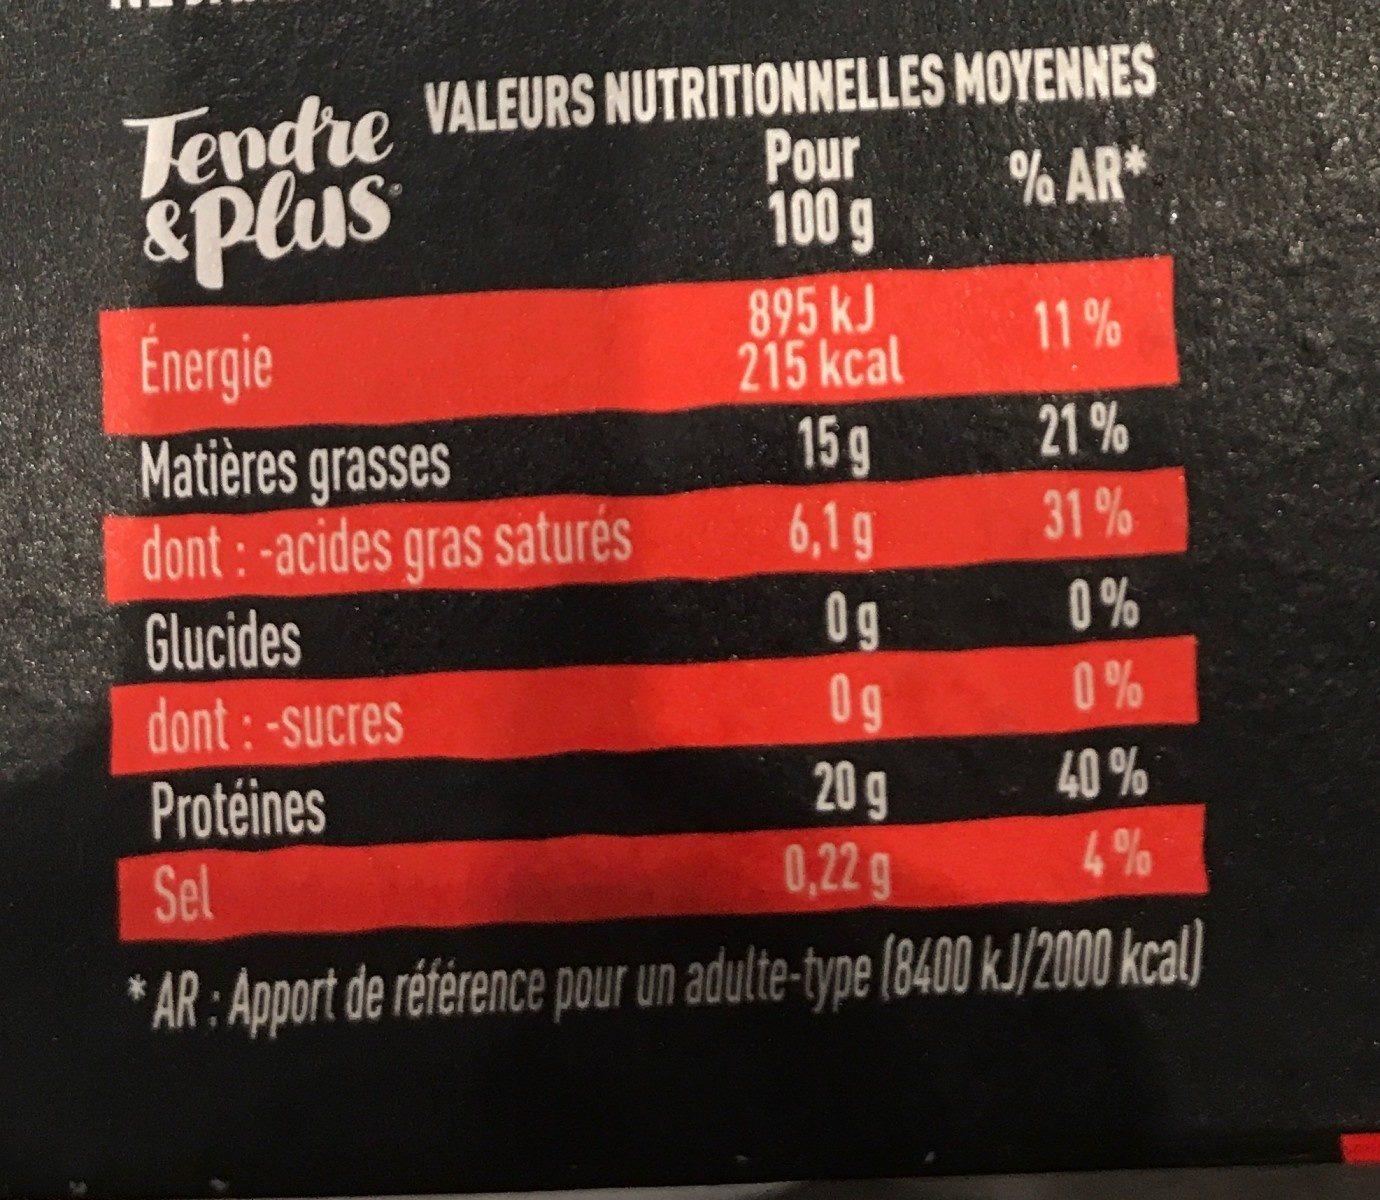 Tendre & Plus Race Normande Façon Bouchère - Ingredients - fr